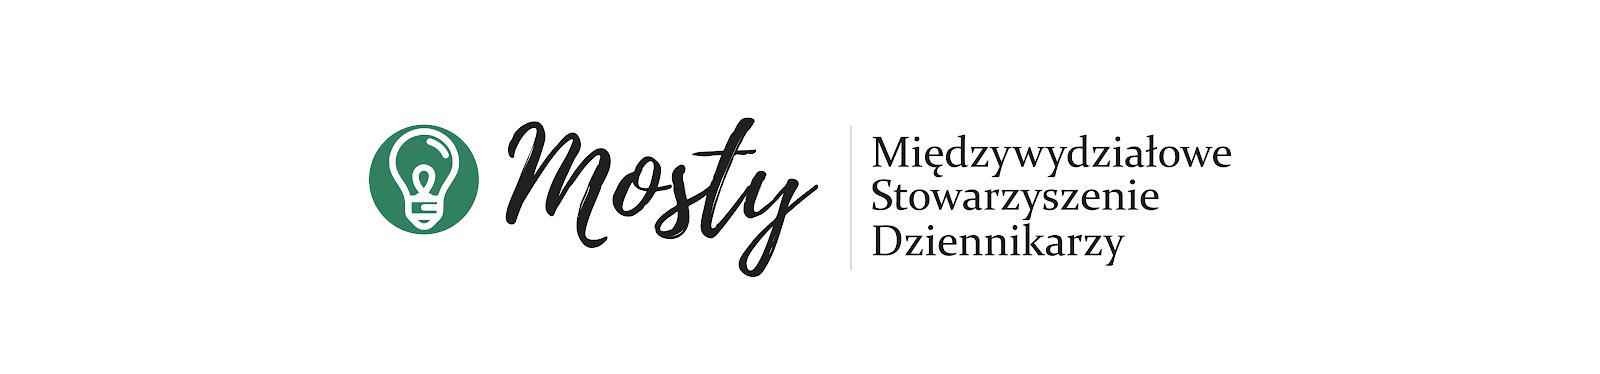 """Międzywydziałowe Stowarzyszenie Dziennikarzy """"Mosty"""", UŚ"""